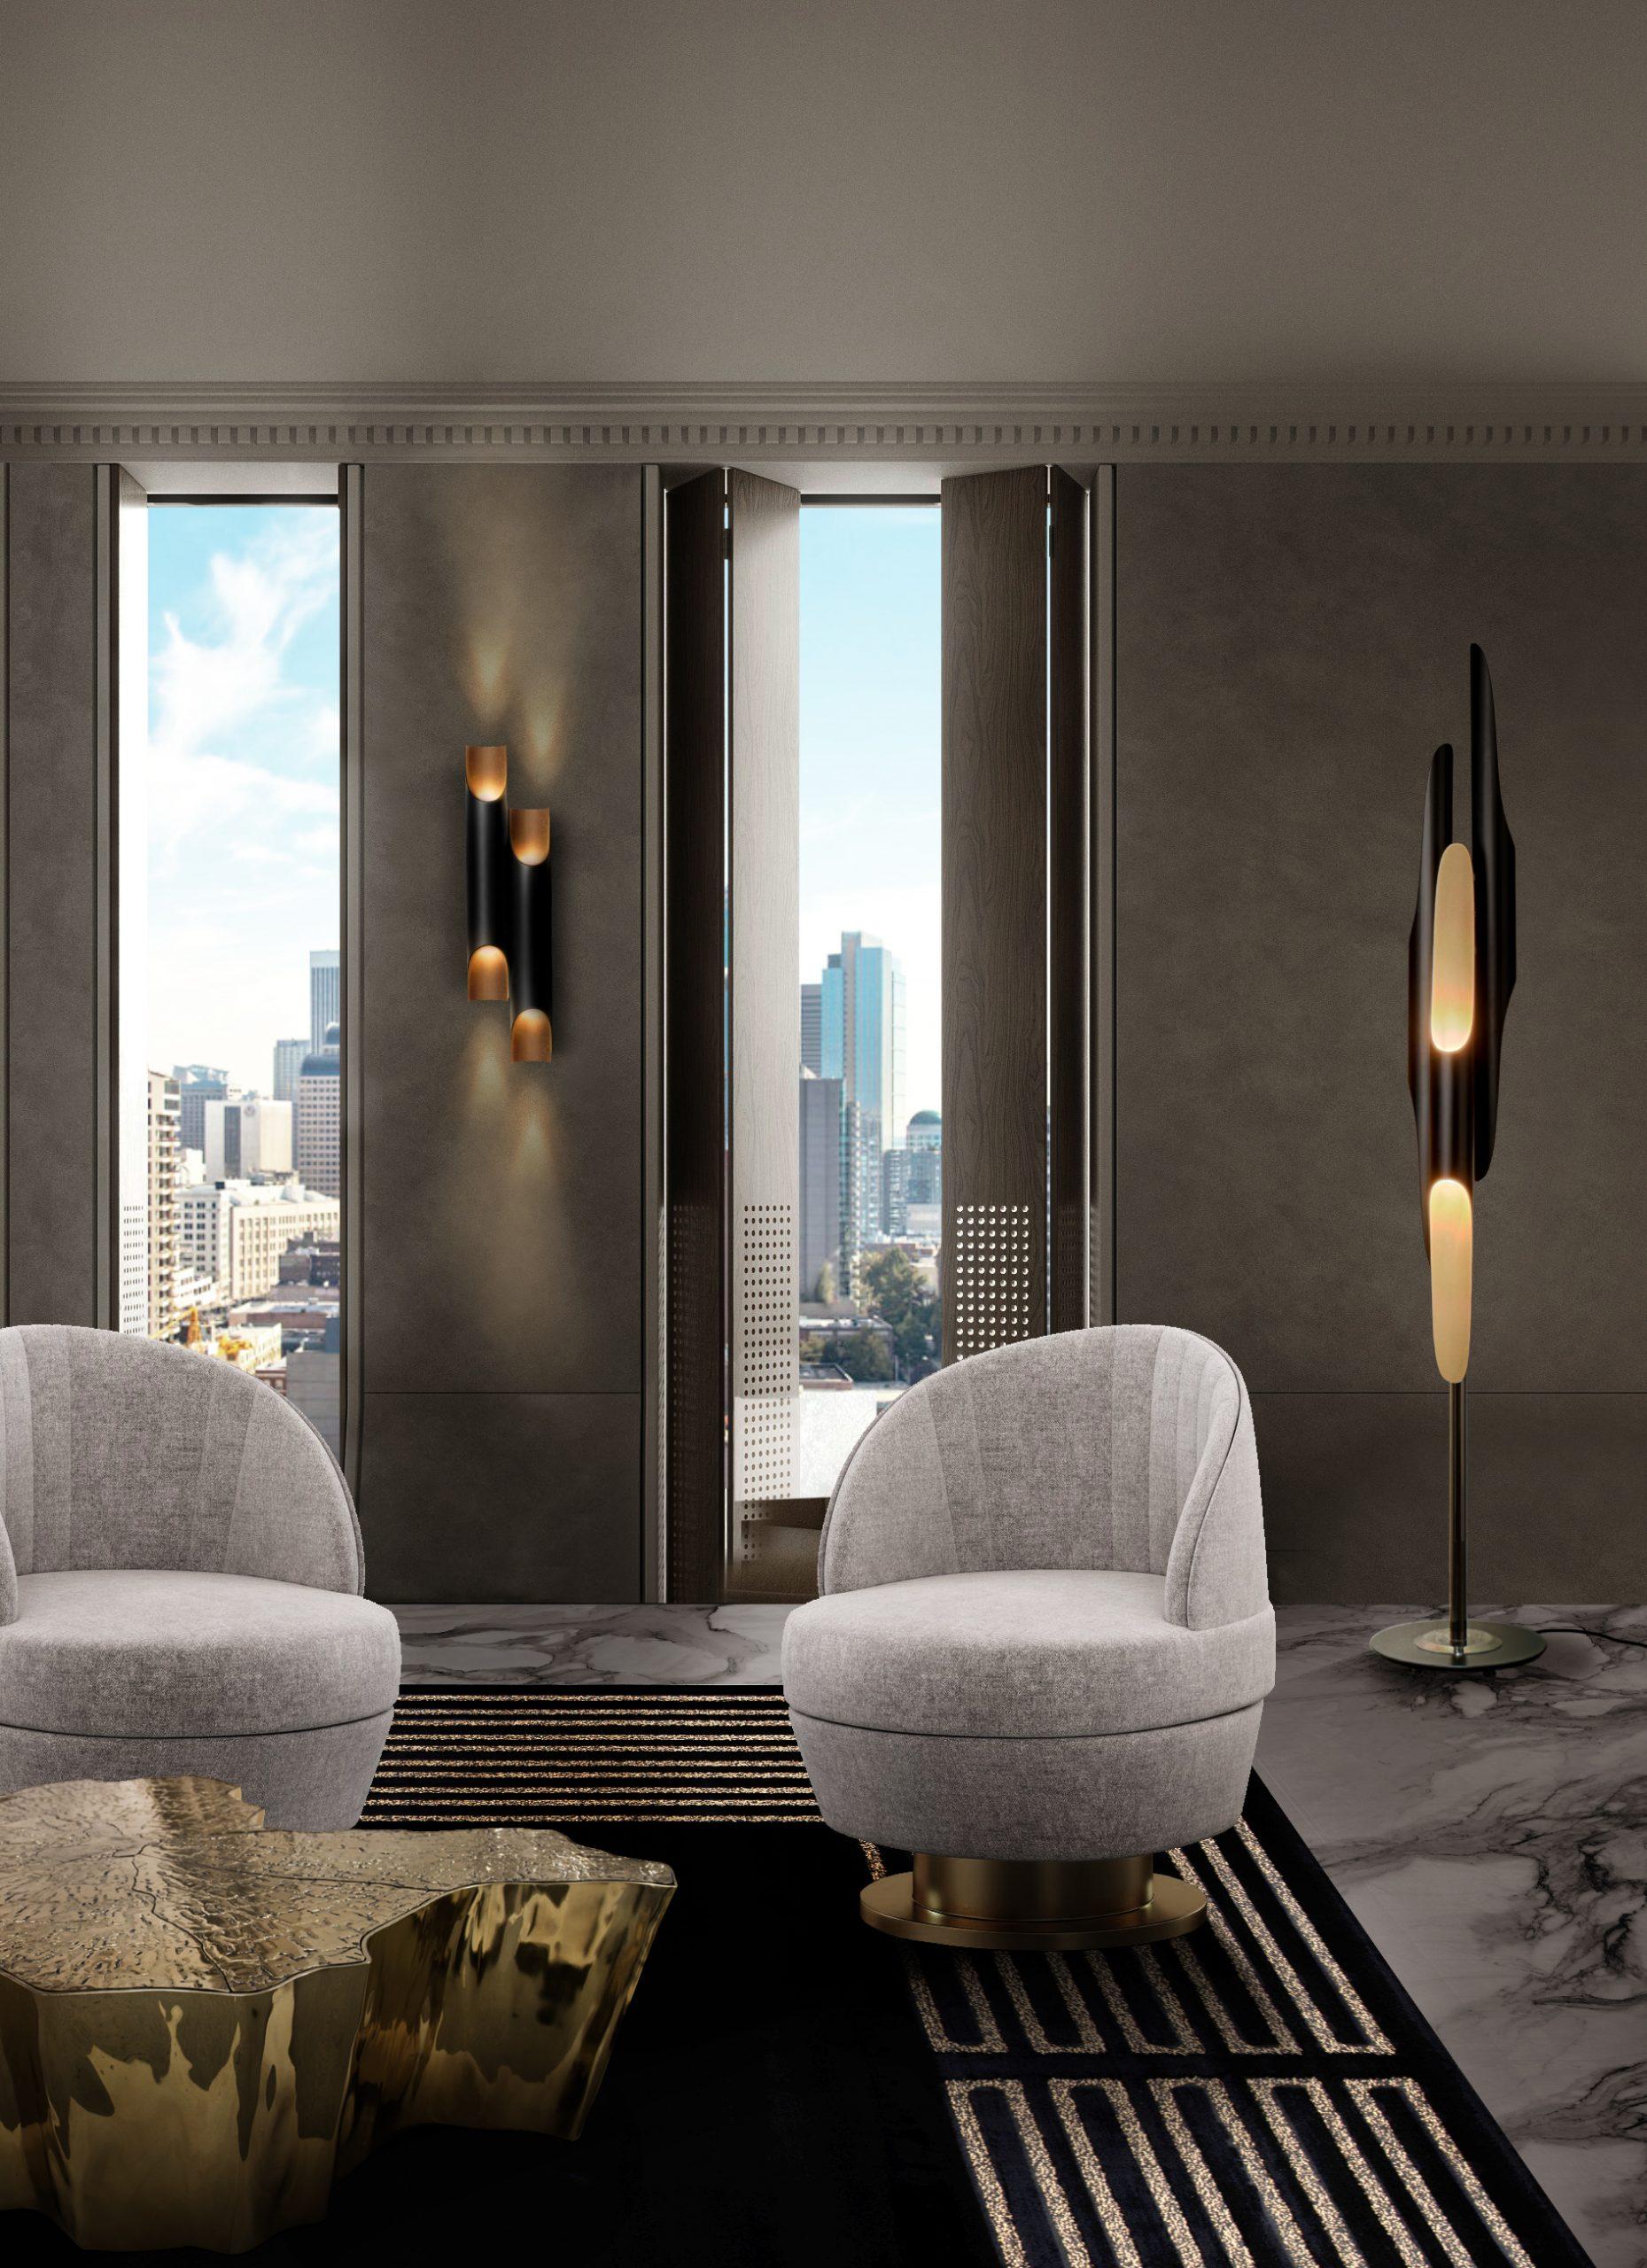 Sala de estar poderosa: Seleción de proyectos lujuosos para inspirar sala de estar poderosa Sala de estar poderosa: Seleción de proyectos lujuosos para inspirar CH Essex armchair eden center 2 scaled